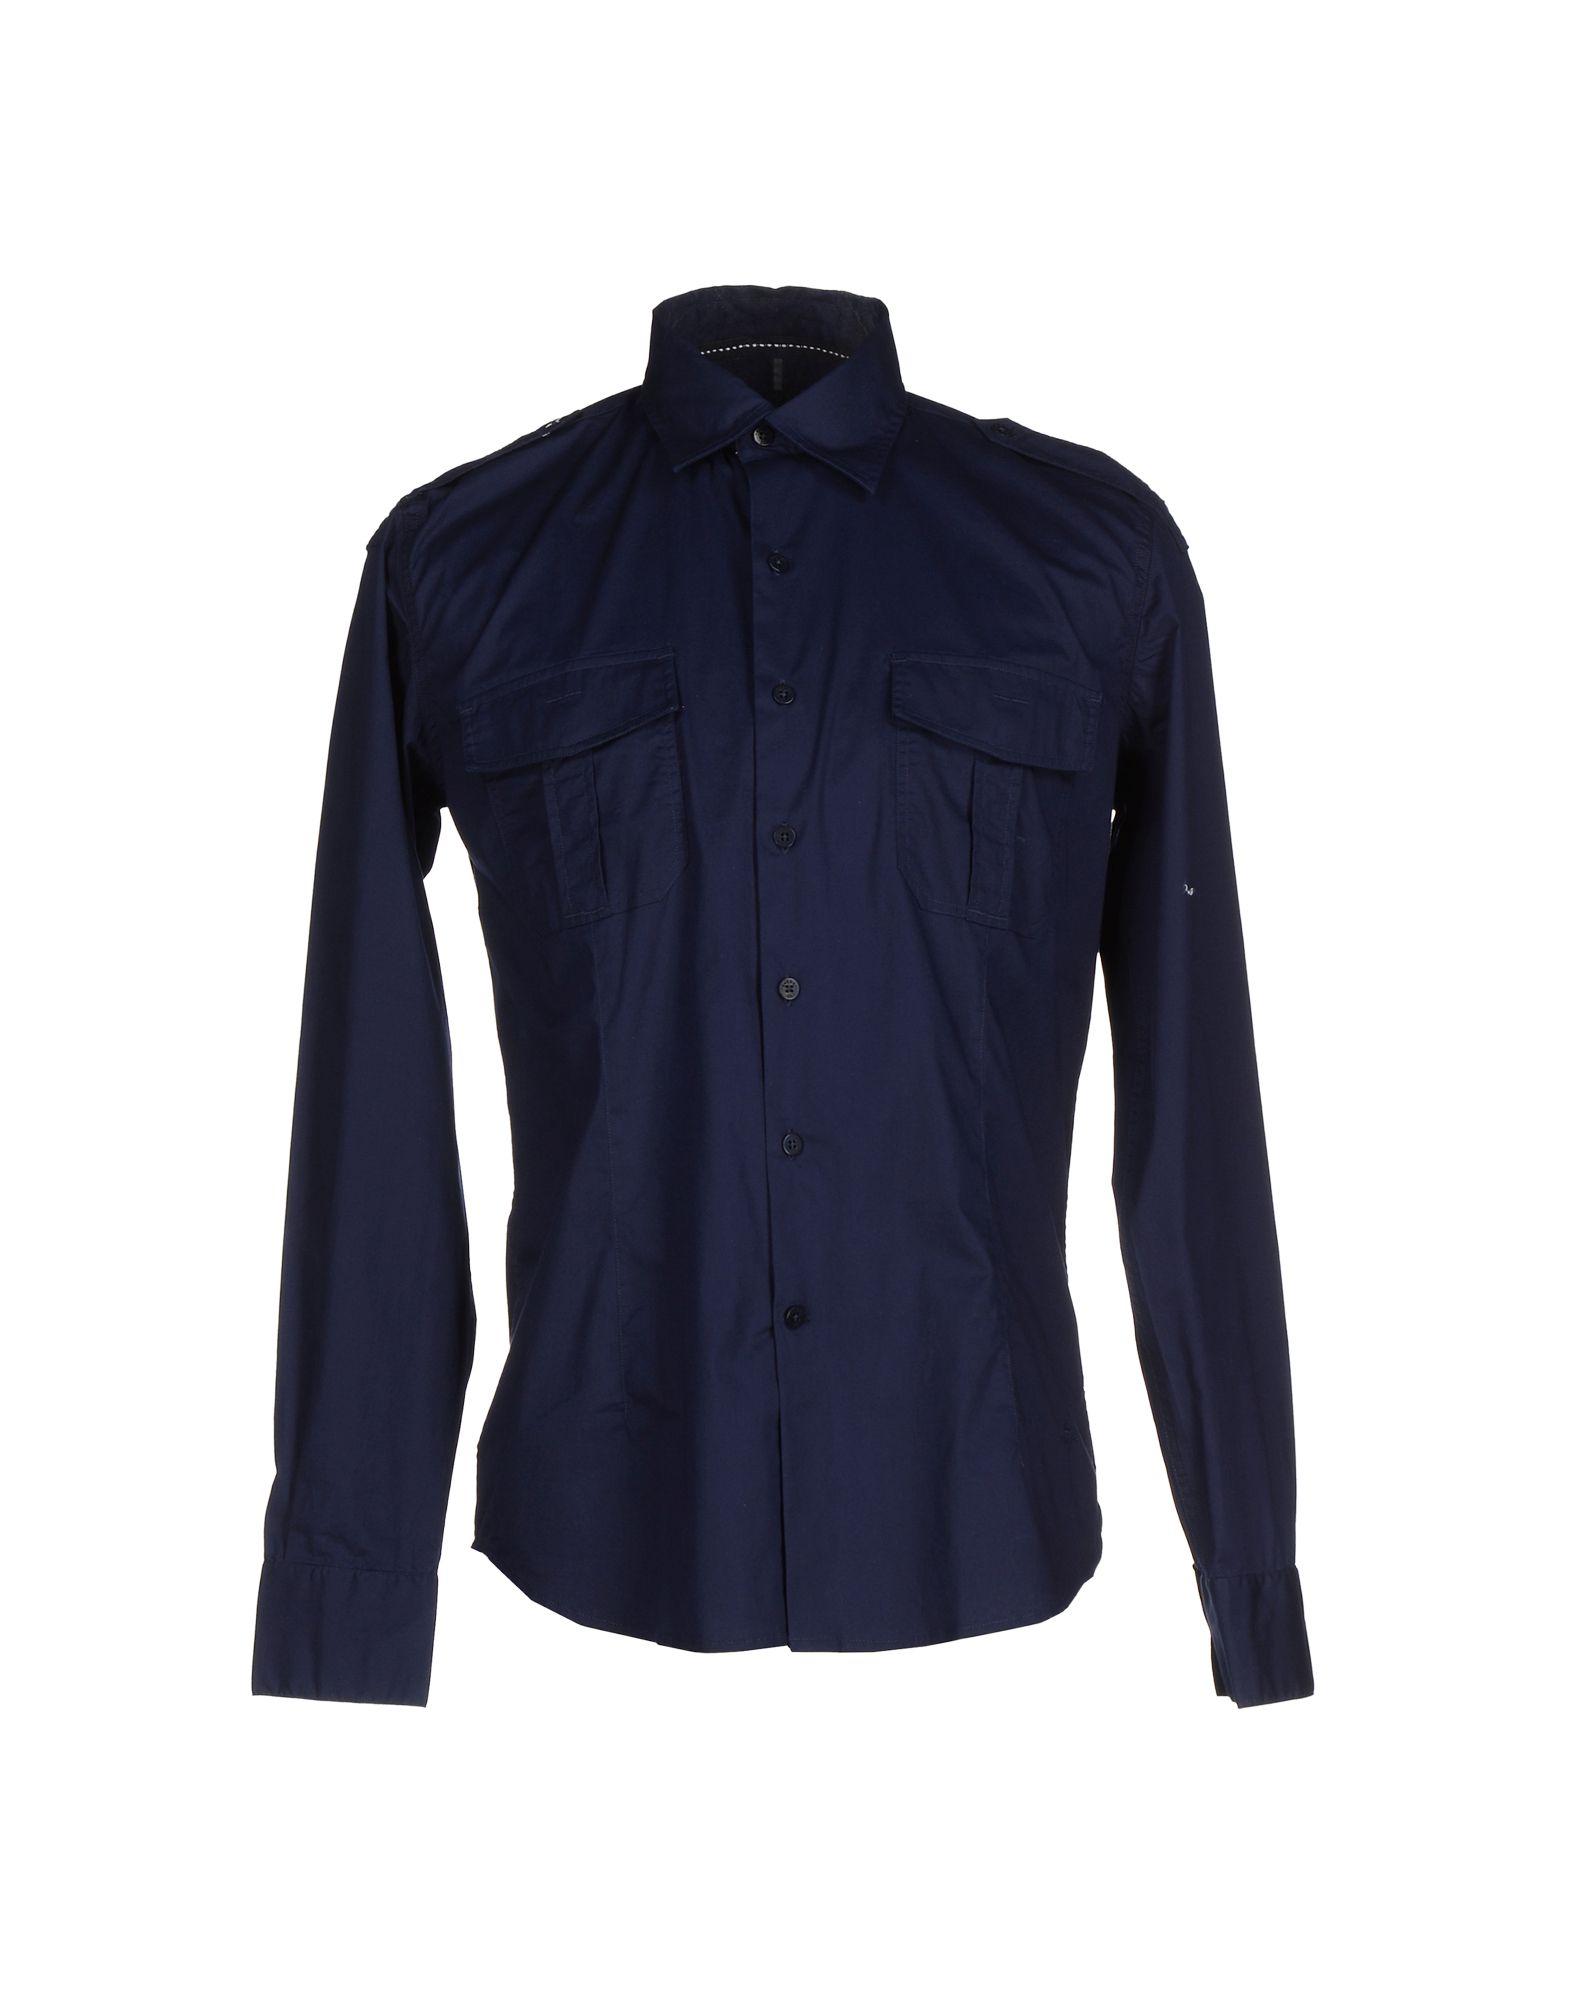 DEKKER Pубашка dekker для мтс smart race 4g black